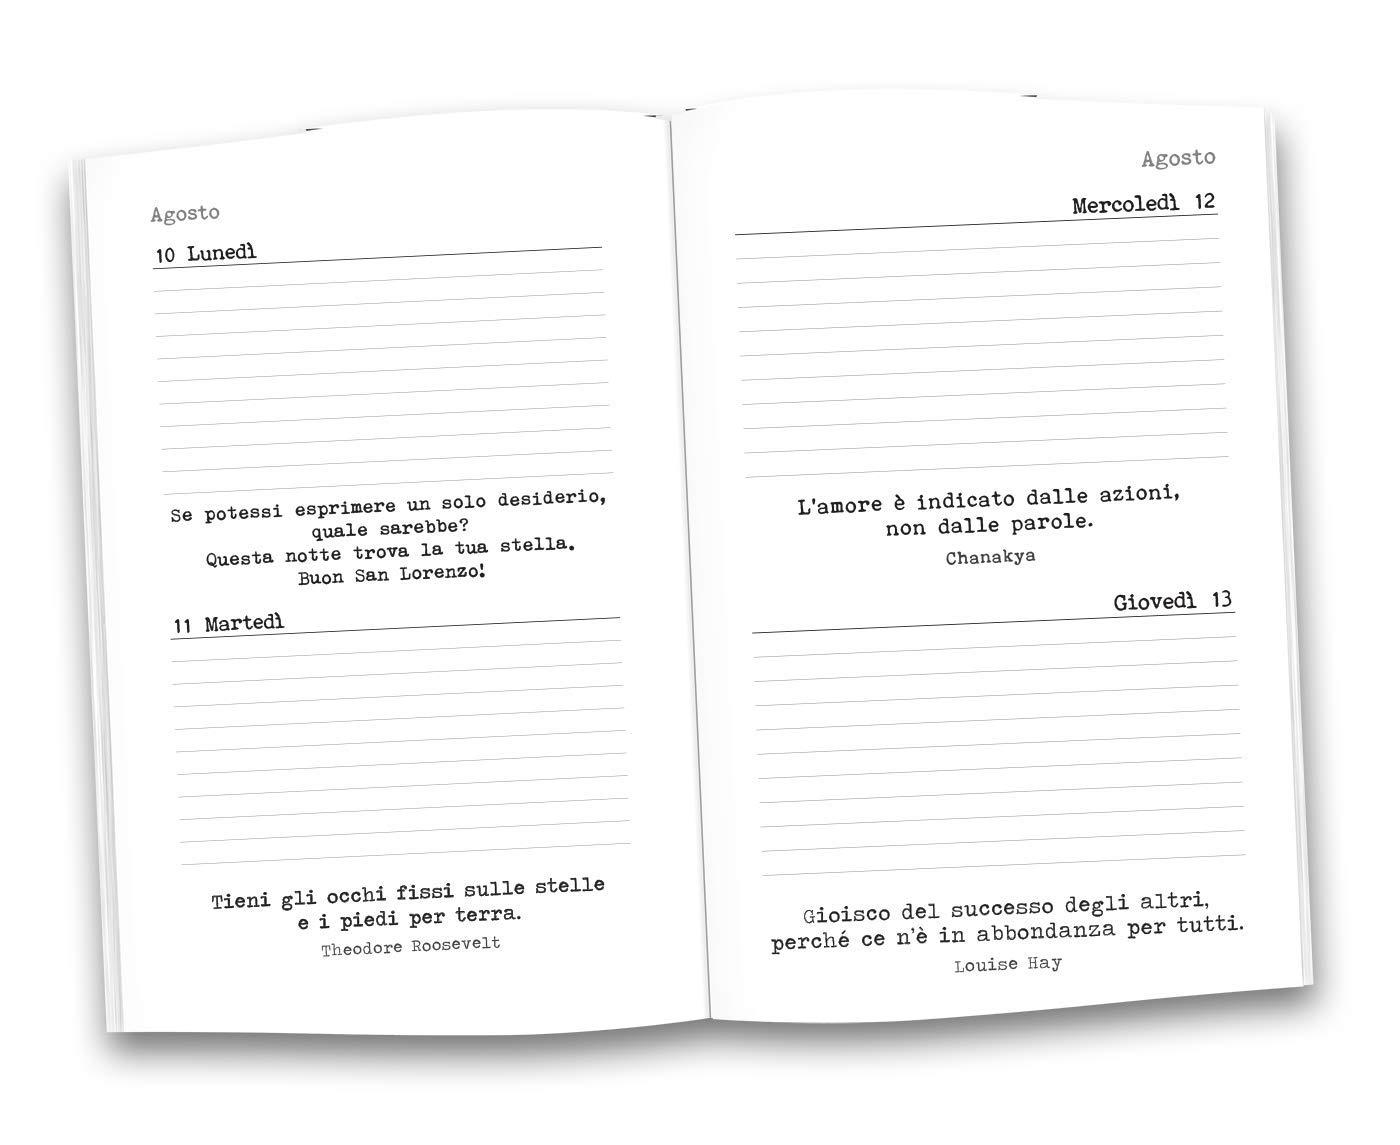 My Life - Agenda Geniale 2020: Amazon.es: Oficina y papelería